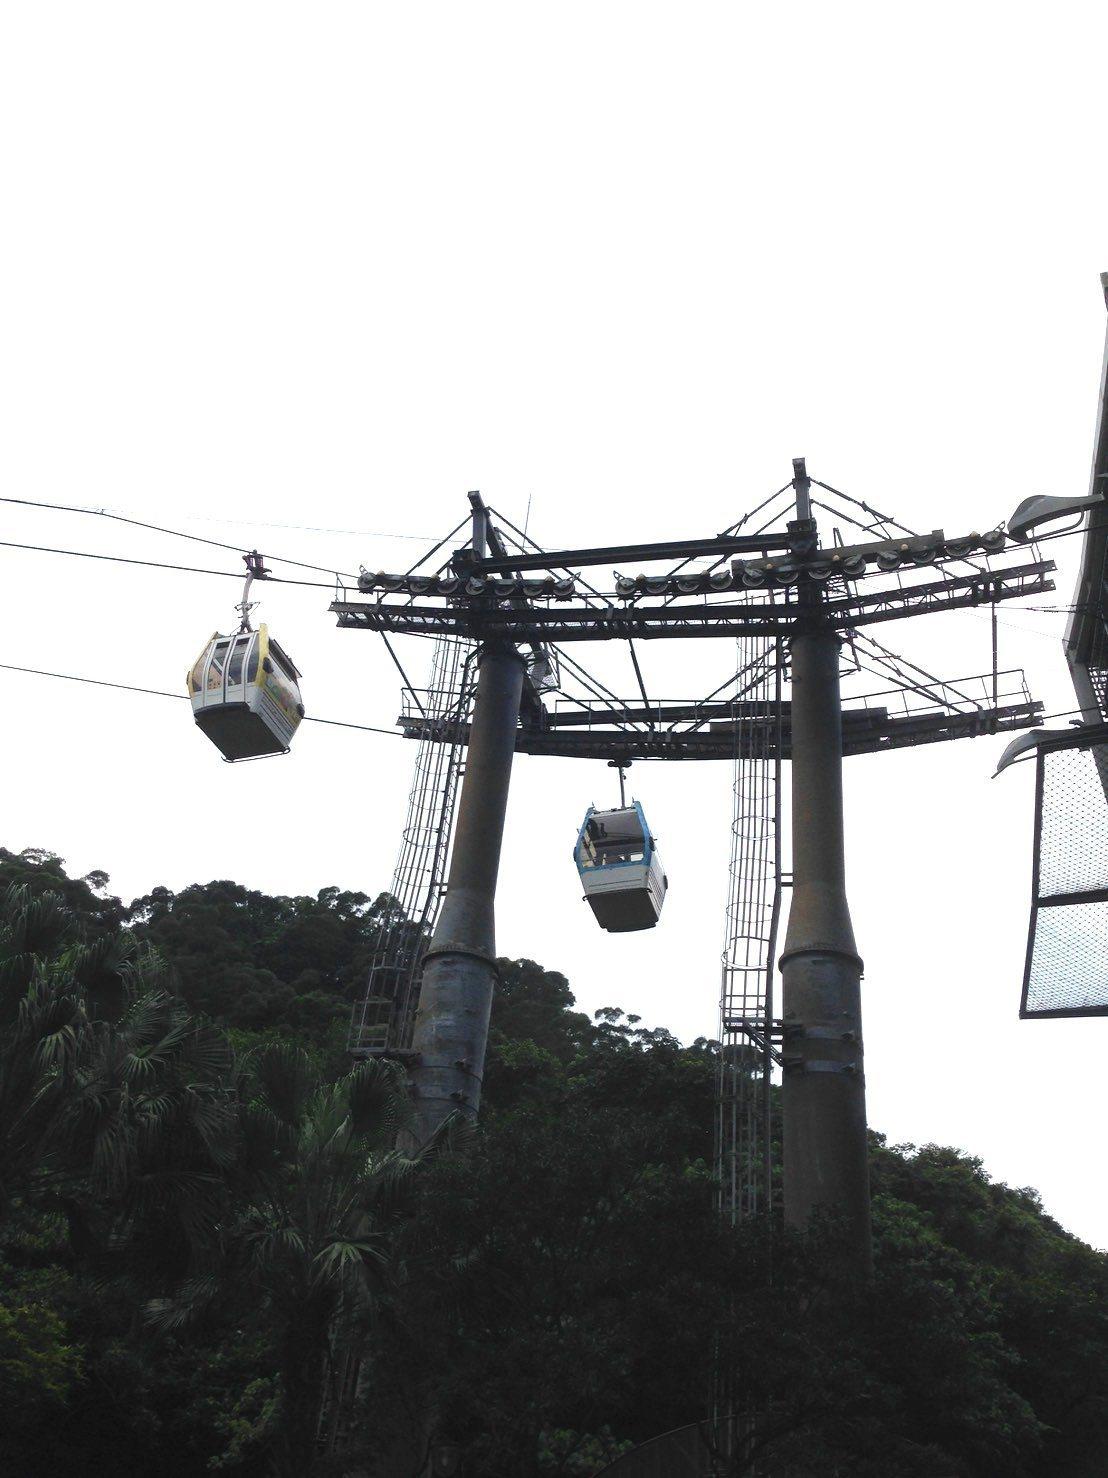 貓空纜車系統異常,暫停營運。圖/讀者提供